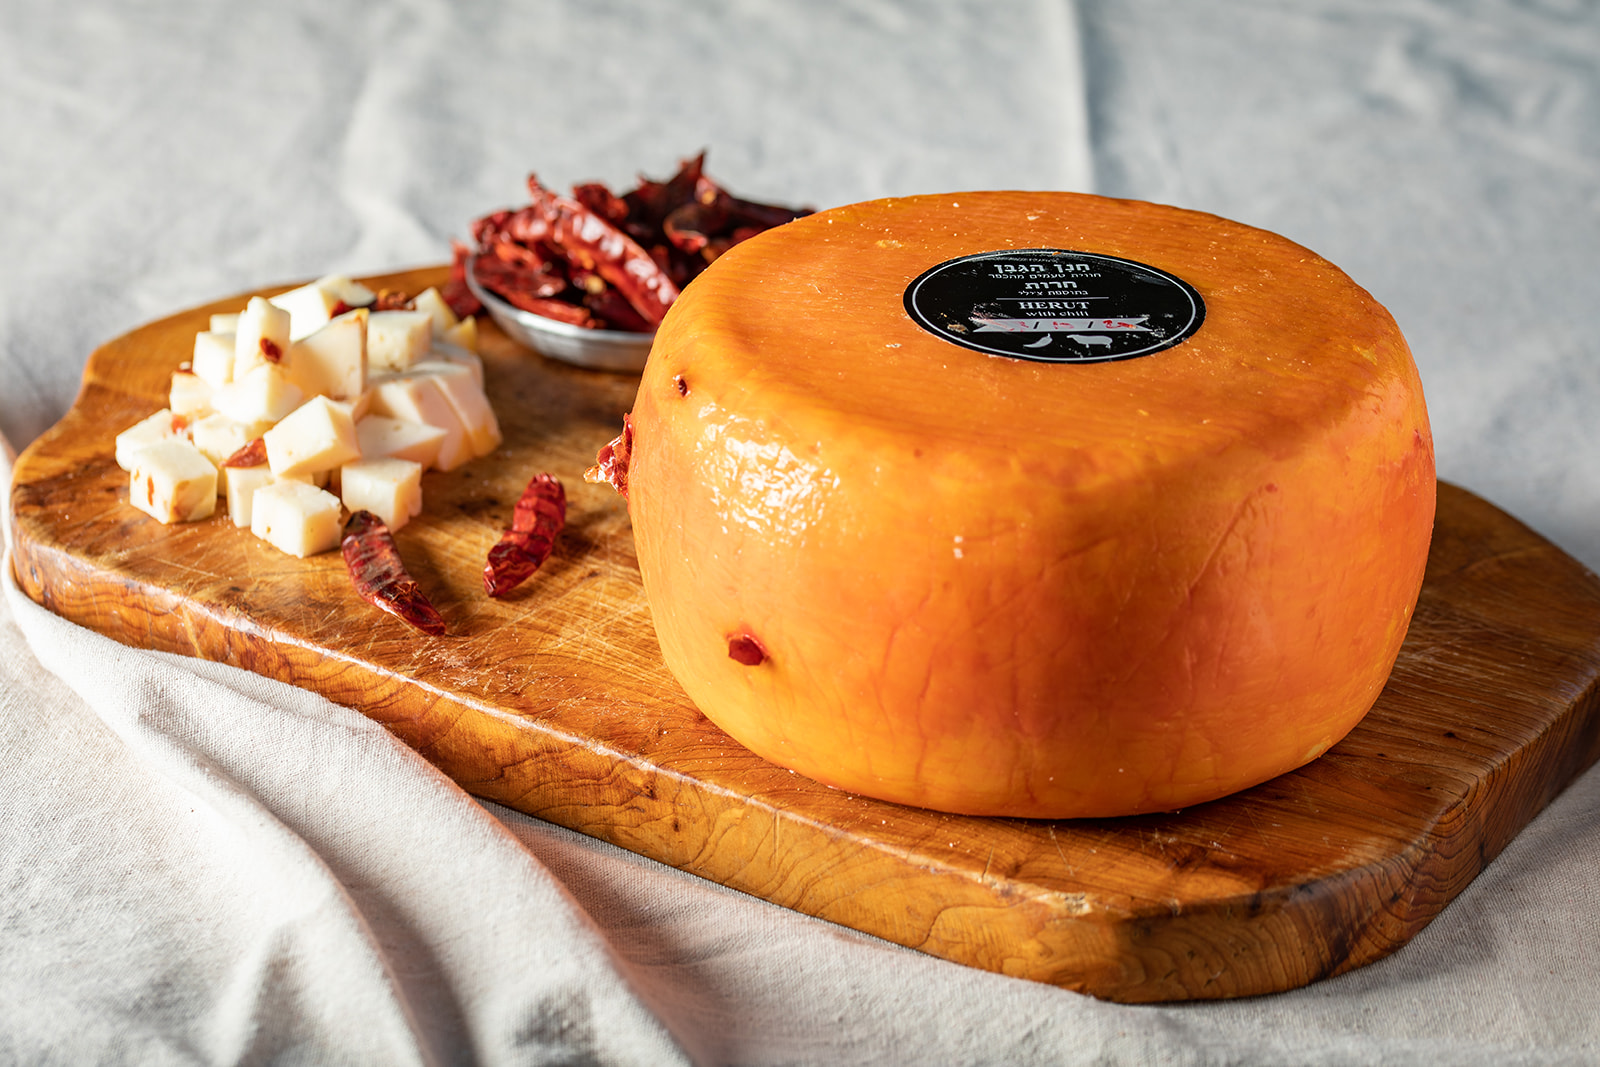 חריץ גבינת חרות בסגנון גאודה בתוספת צ'ילי מחלב כבשים